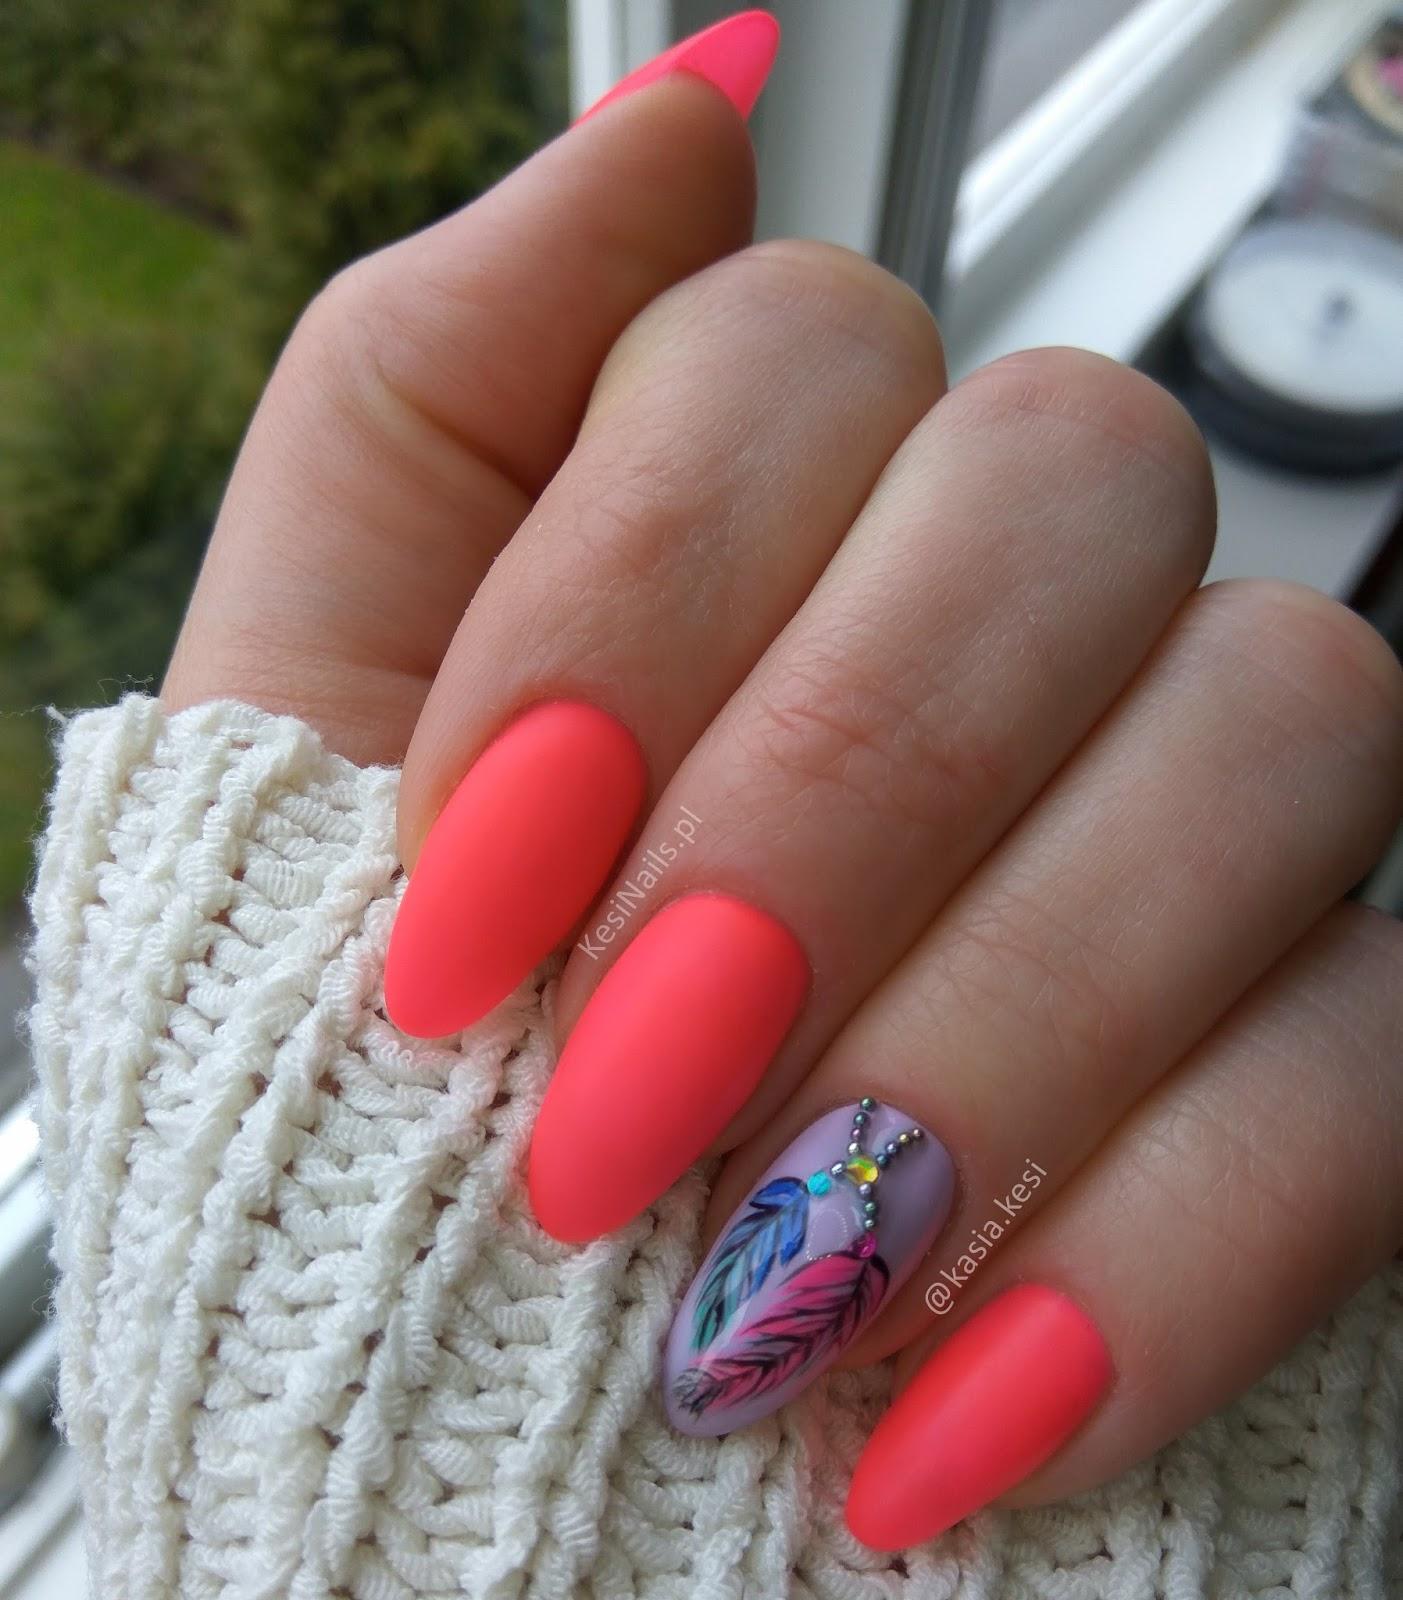 Kesi Nails Recenzja Moje Paznokcie Manicure Z Piorkami